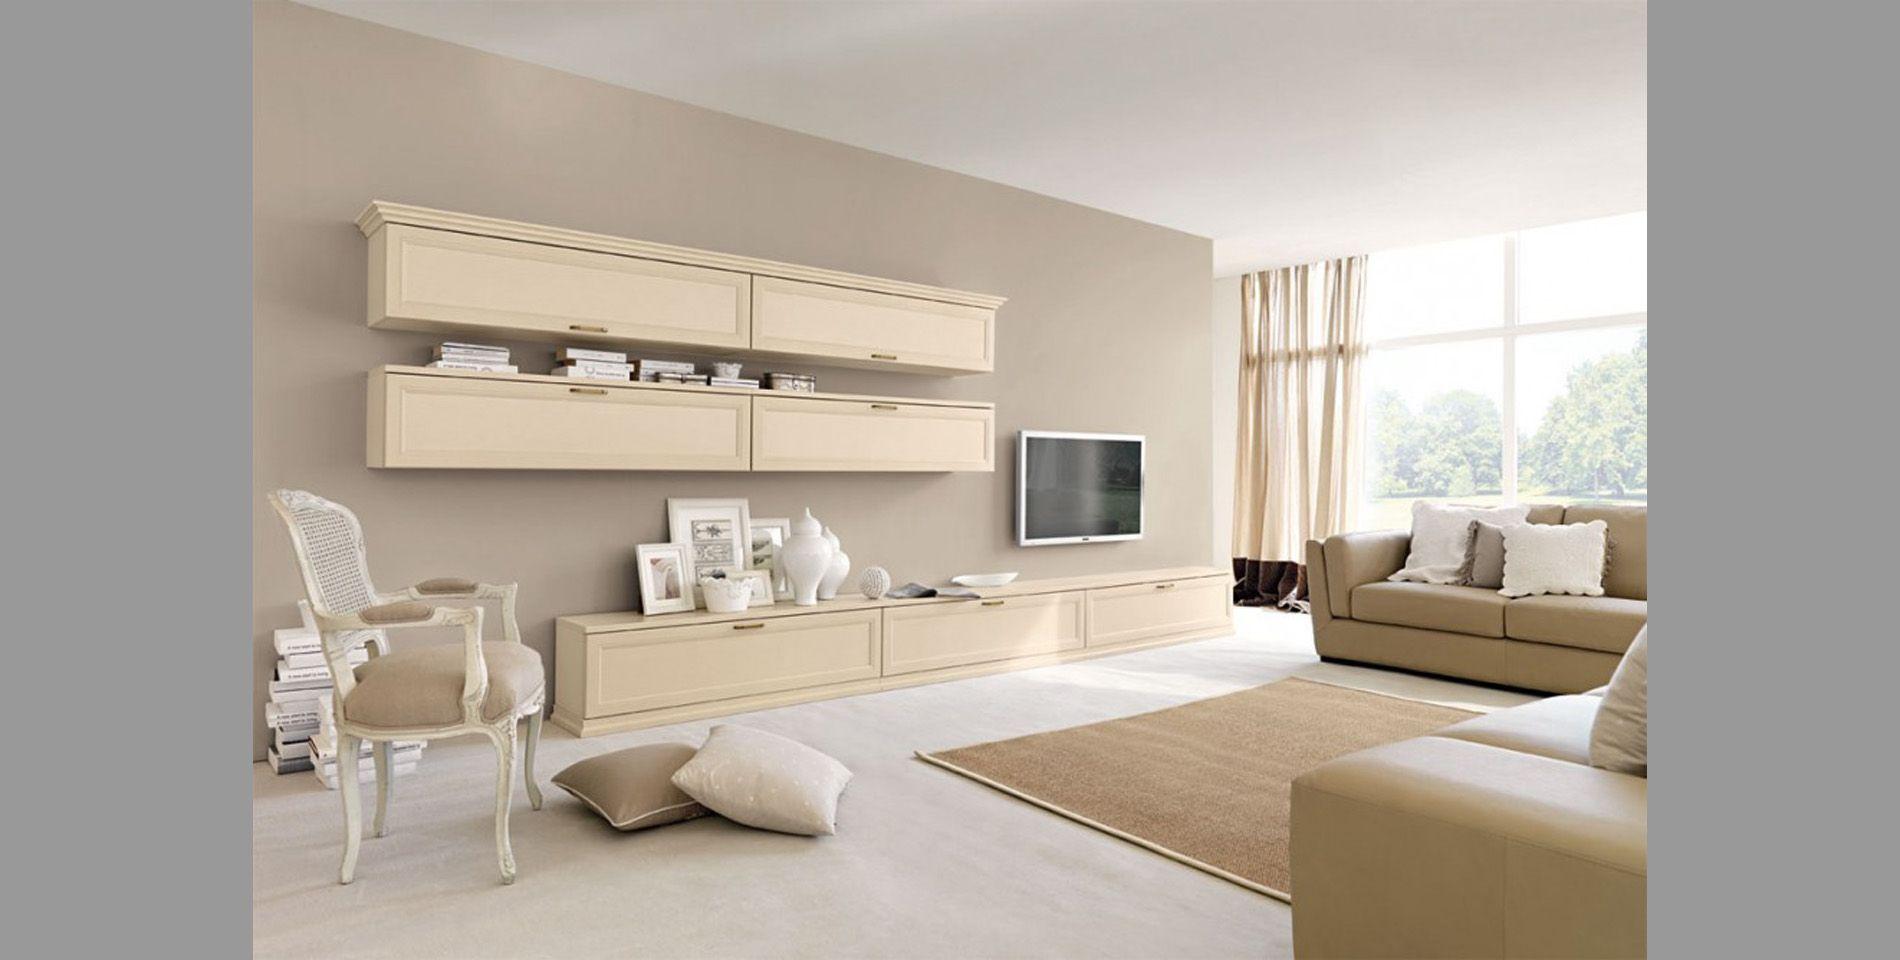 Pareti del soggiorno: come abbinare i colori ai mobili ...